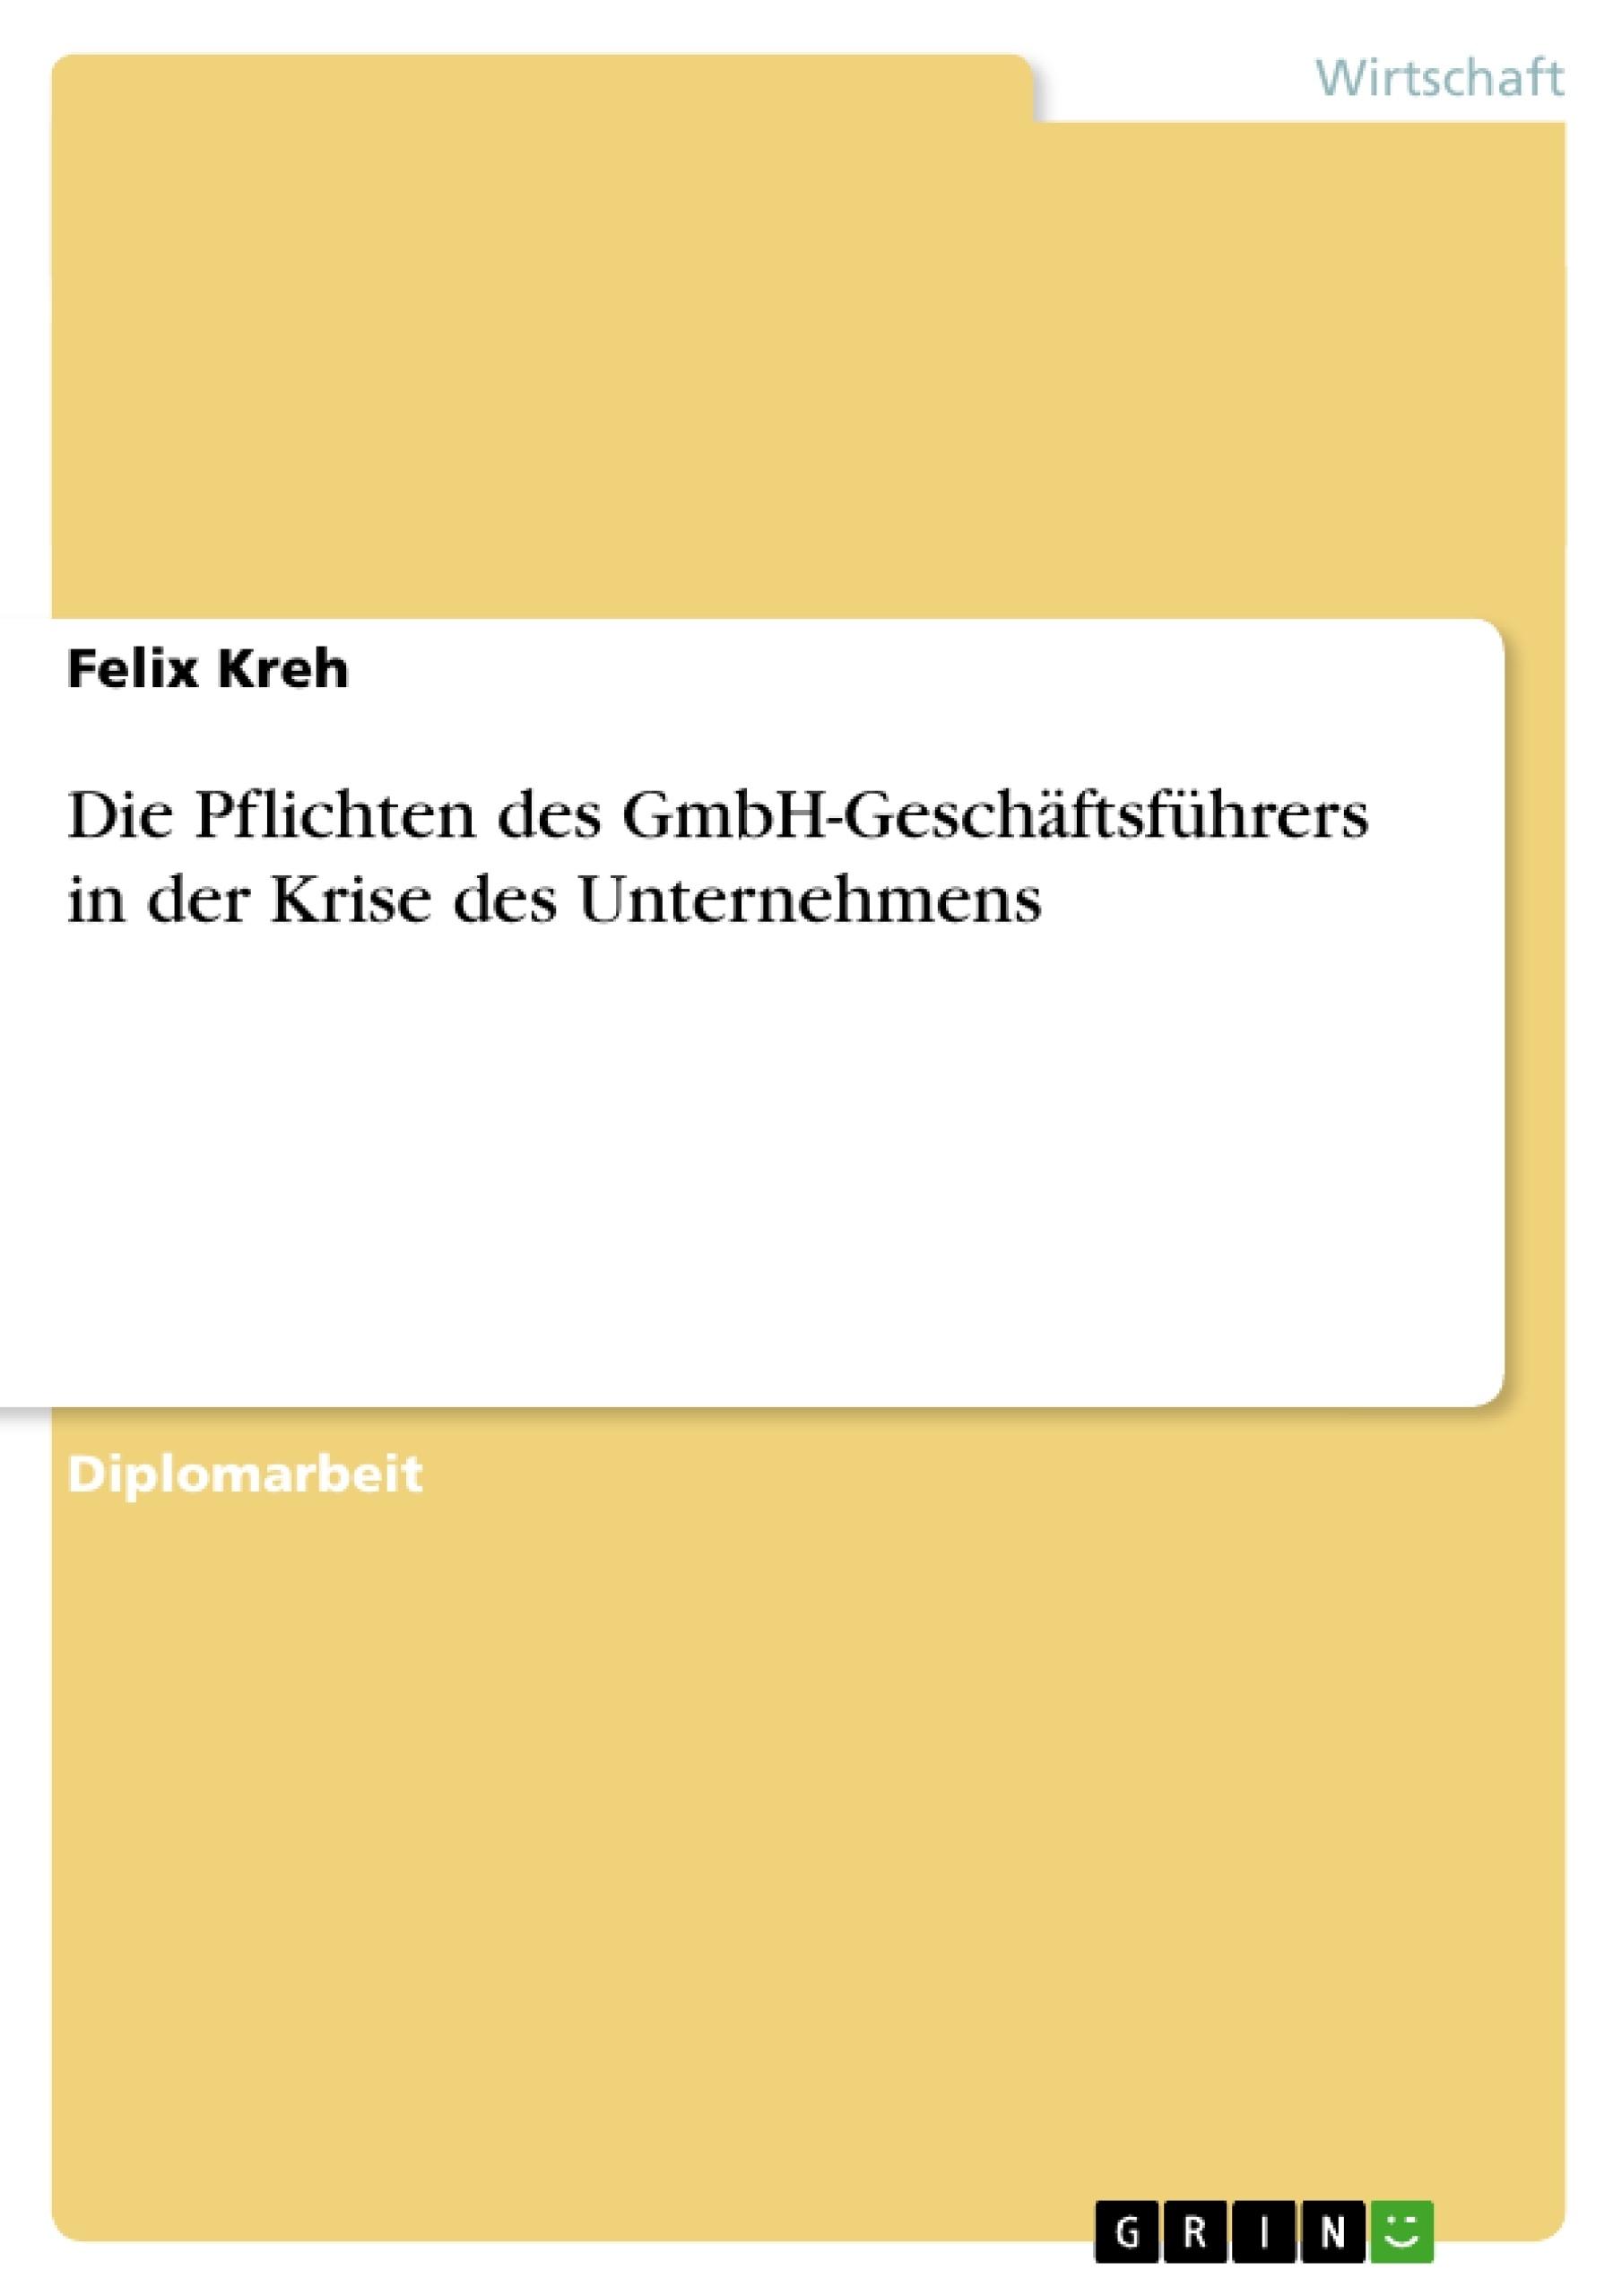 Titel: Die Pflichten des GmbH-Geschäftsführers in der Krise des Unternehmens